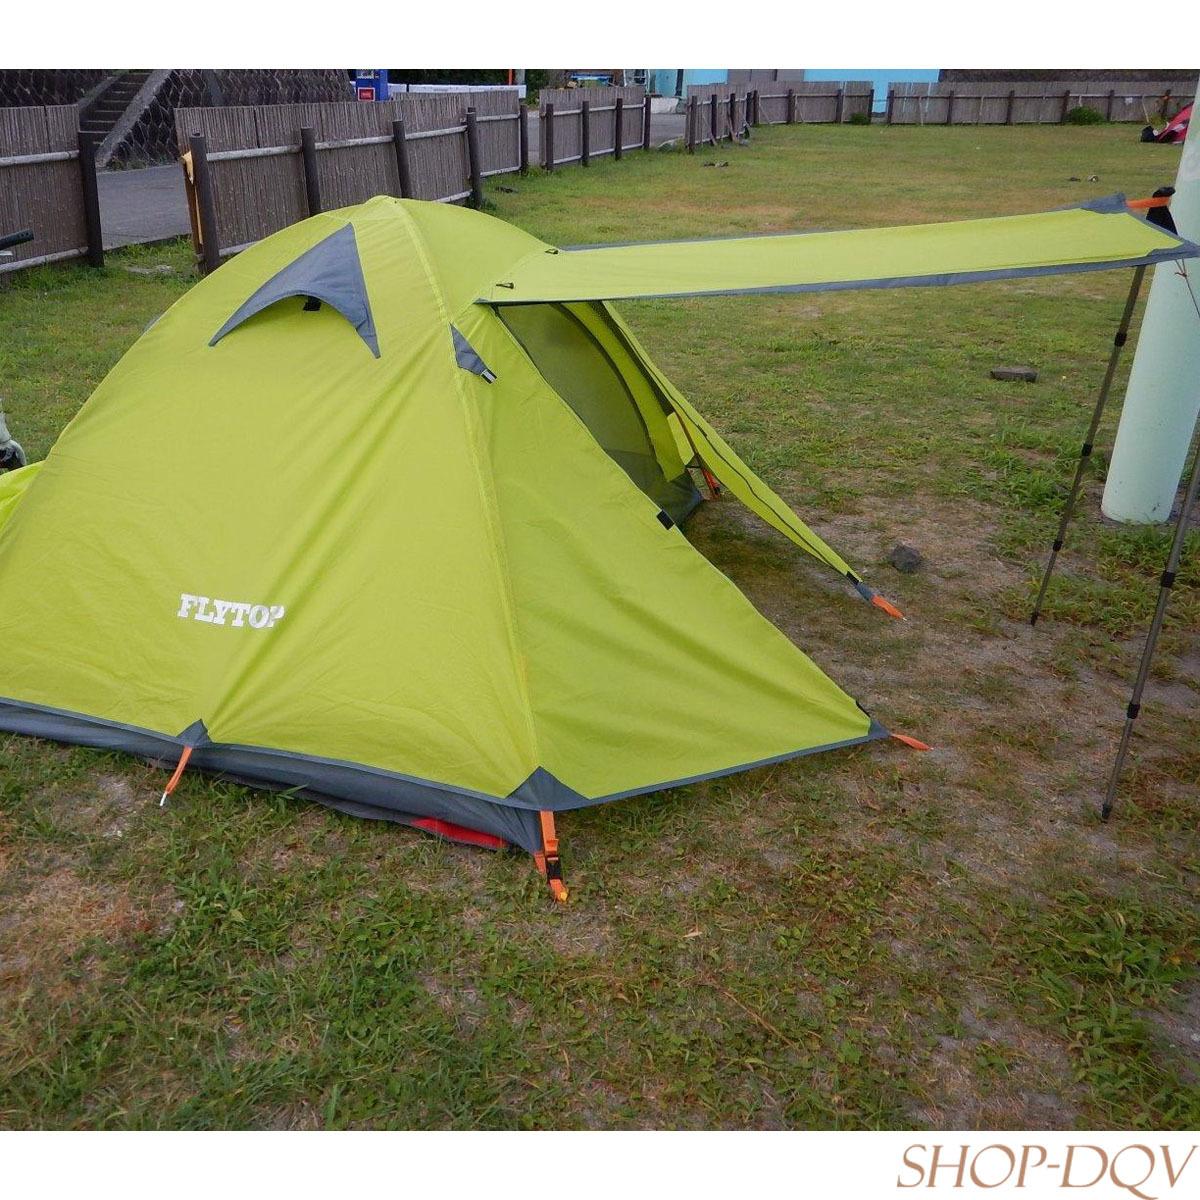 ツーリングに最適! 軽量&コンパクト 2人用 テント インナー メッシュ  持ち運び簡単 ソロ キャンプ ソロキャン BBQ 防災